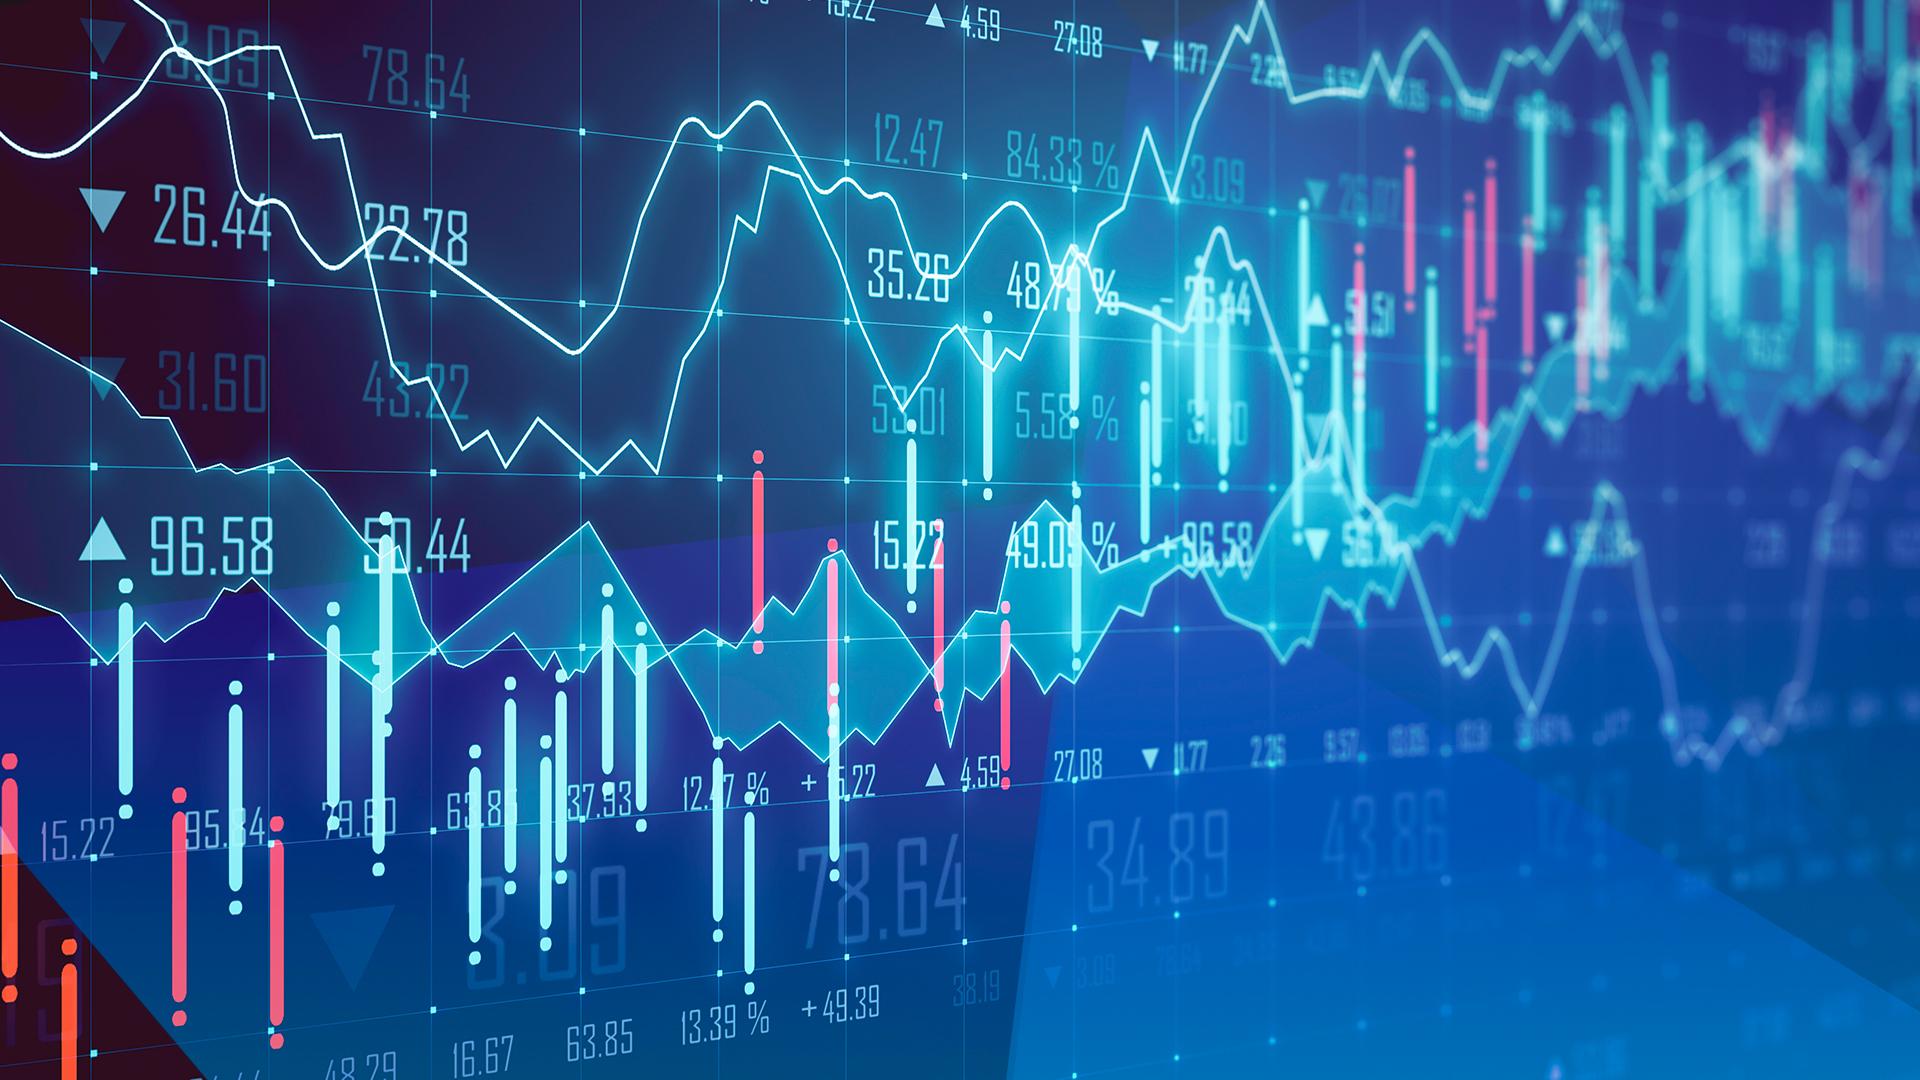 Wirtschaft, Geschäft, Börse, Business, Aktie, Aktien, Aktienkurs, Kurs, Geschäftskunden, Finanzen, Geschäftsbericht, Business Network, Finanzwesen, Diagramm, Ökonomie, Verlauf, chart, Werte, Aktienwert, DAX, Aktienpaket, Kursverlauf